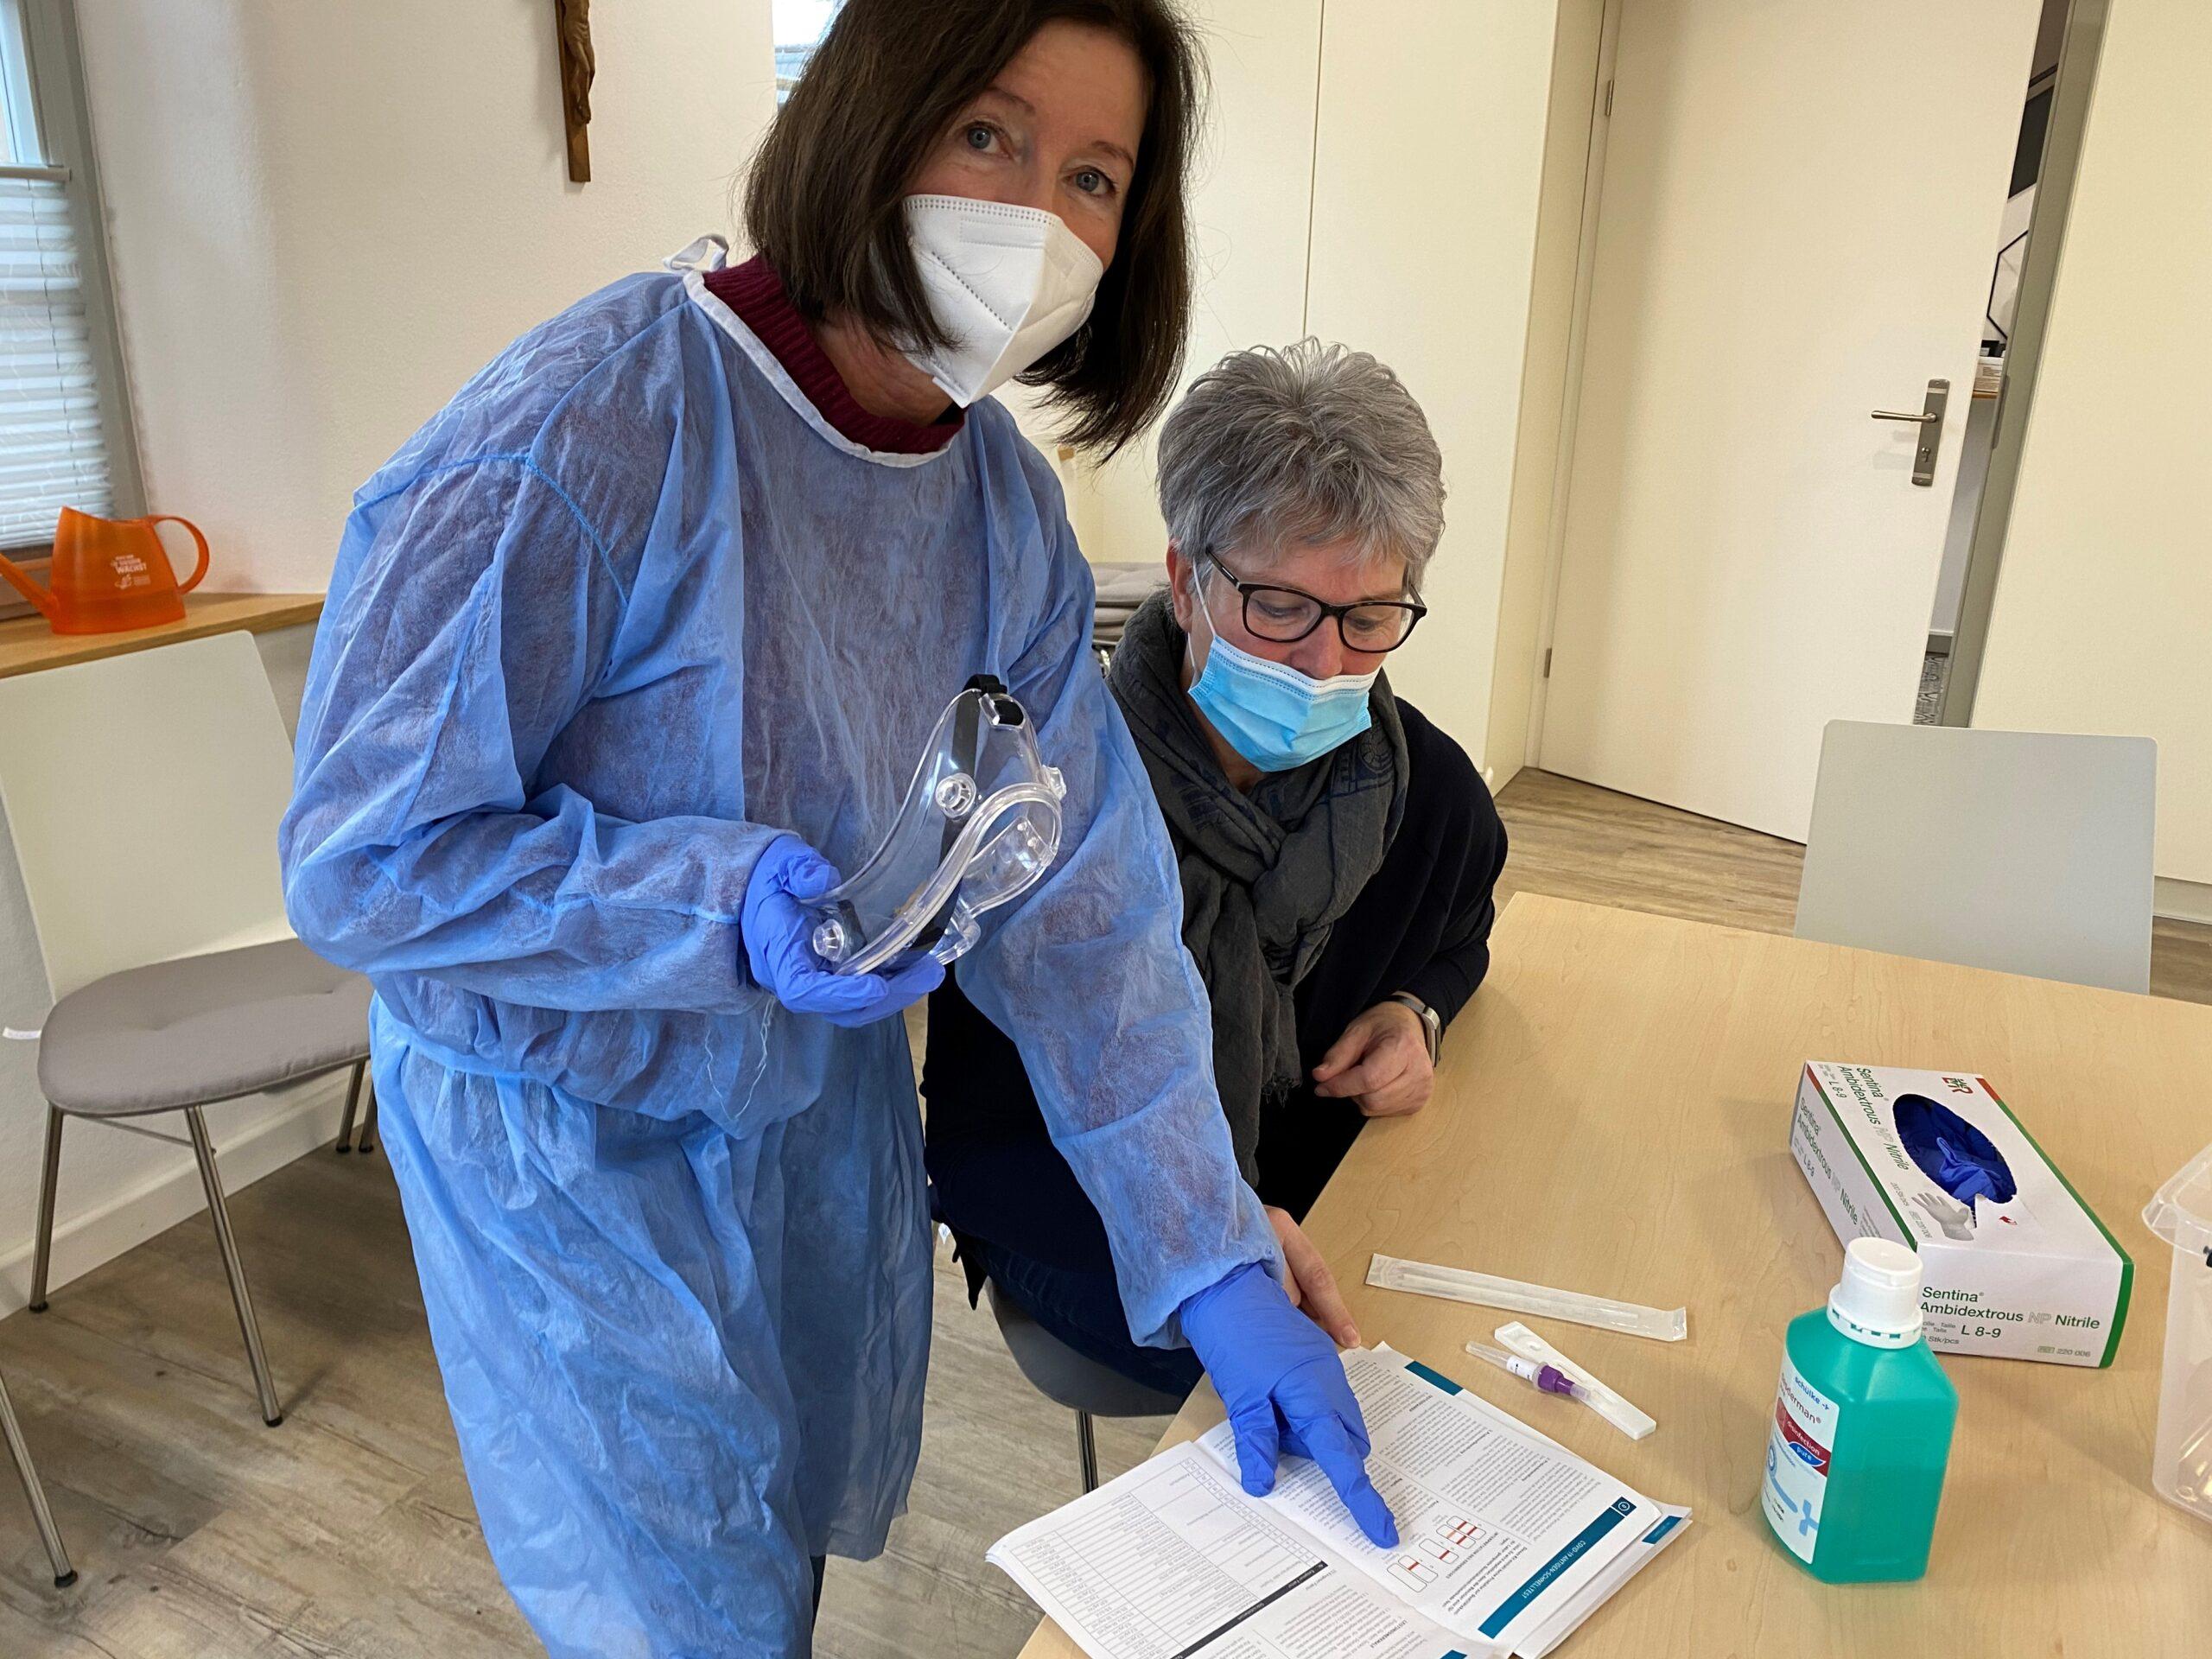 Sicherheit für Patienten und Mitarbeiter im ambulanten Dienst